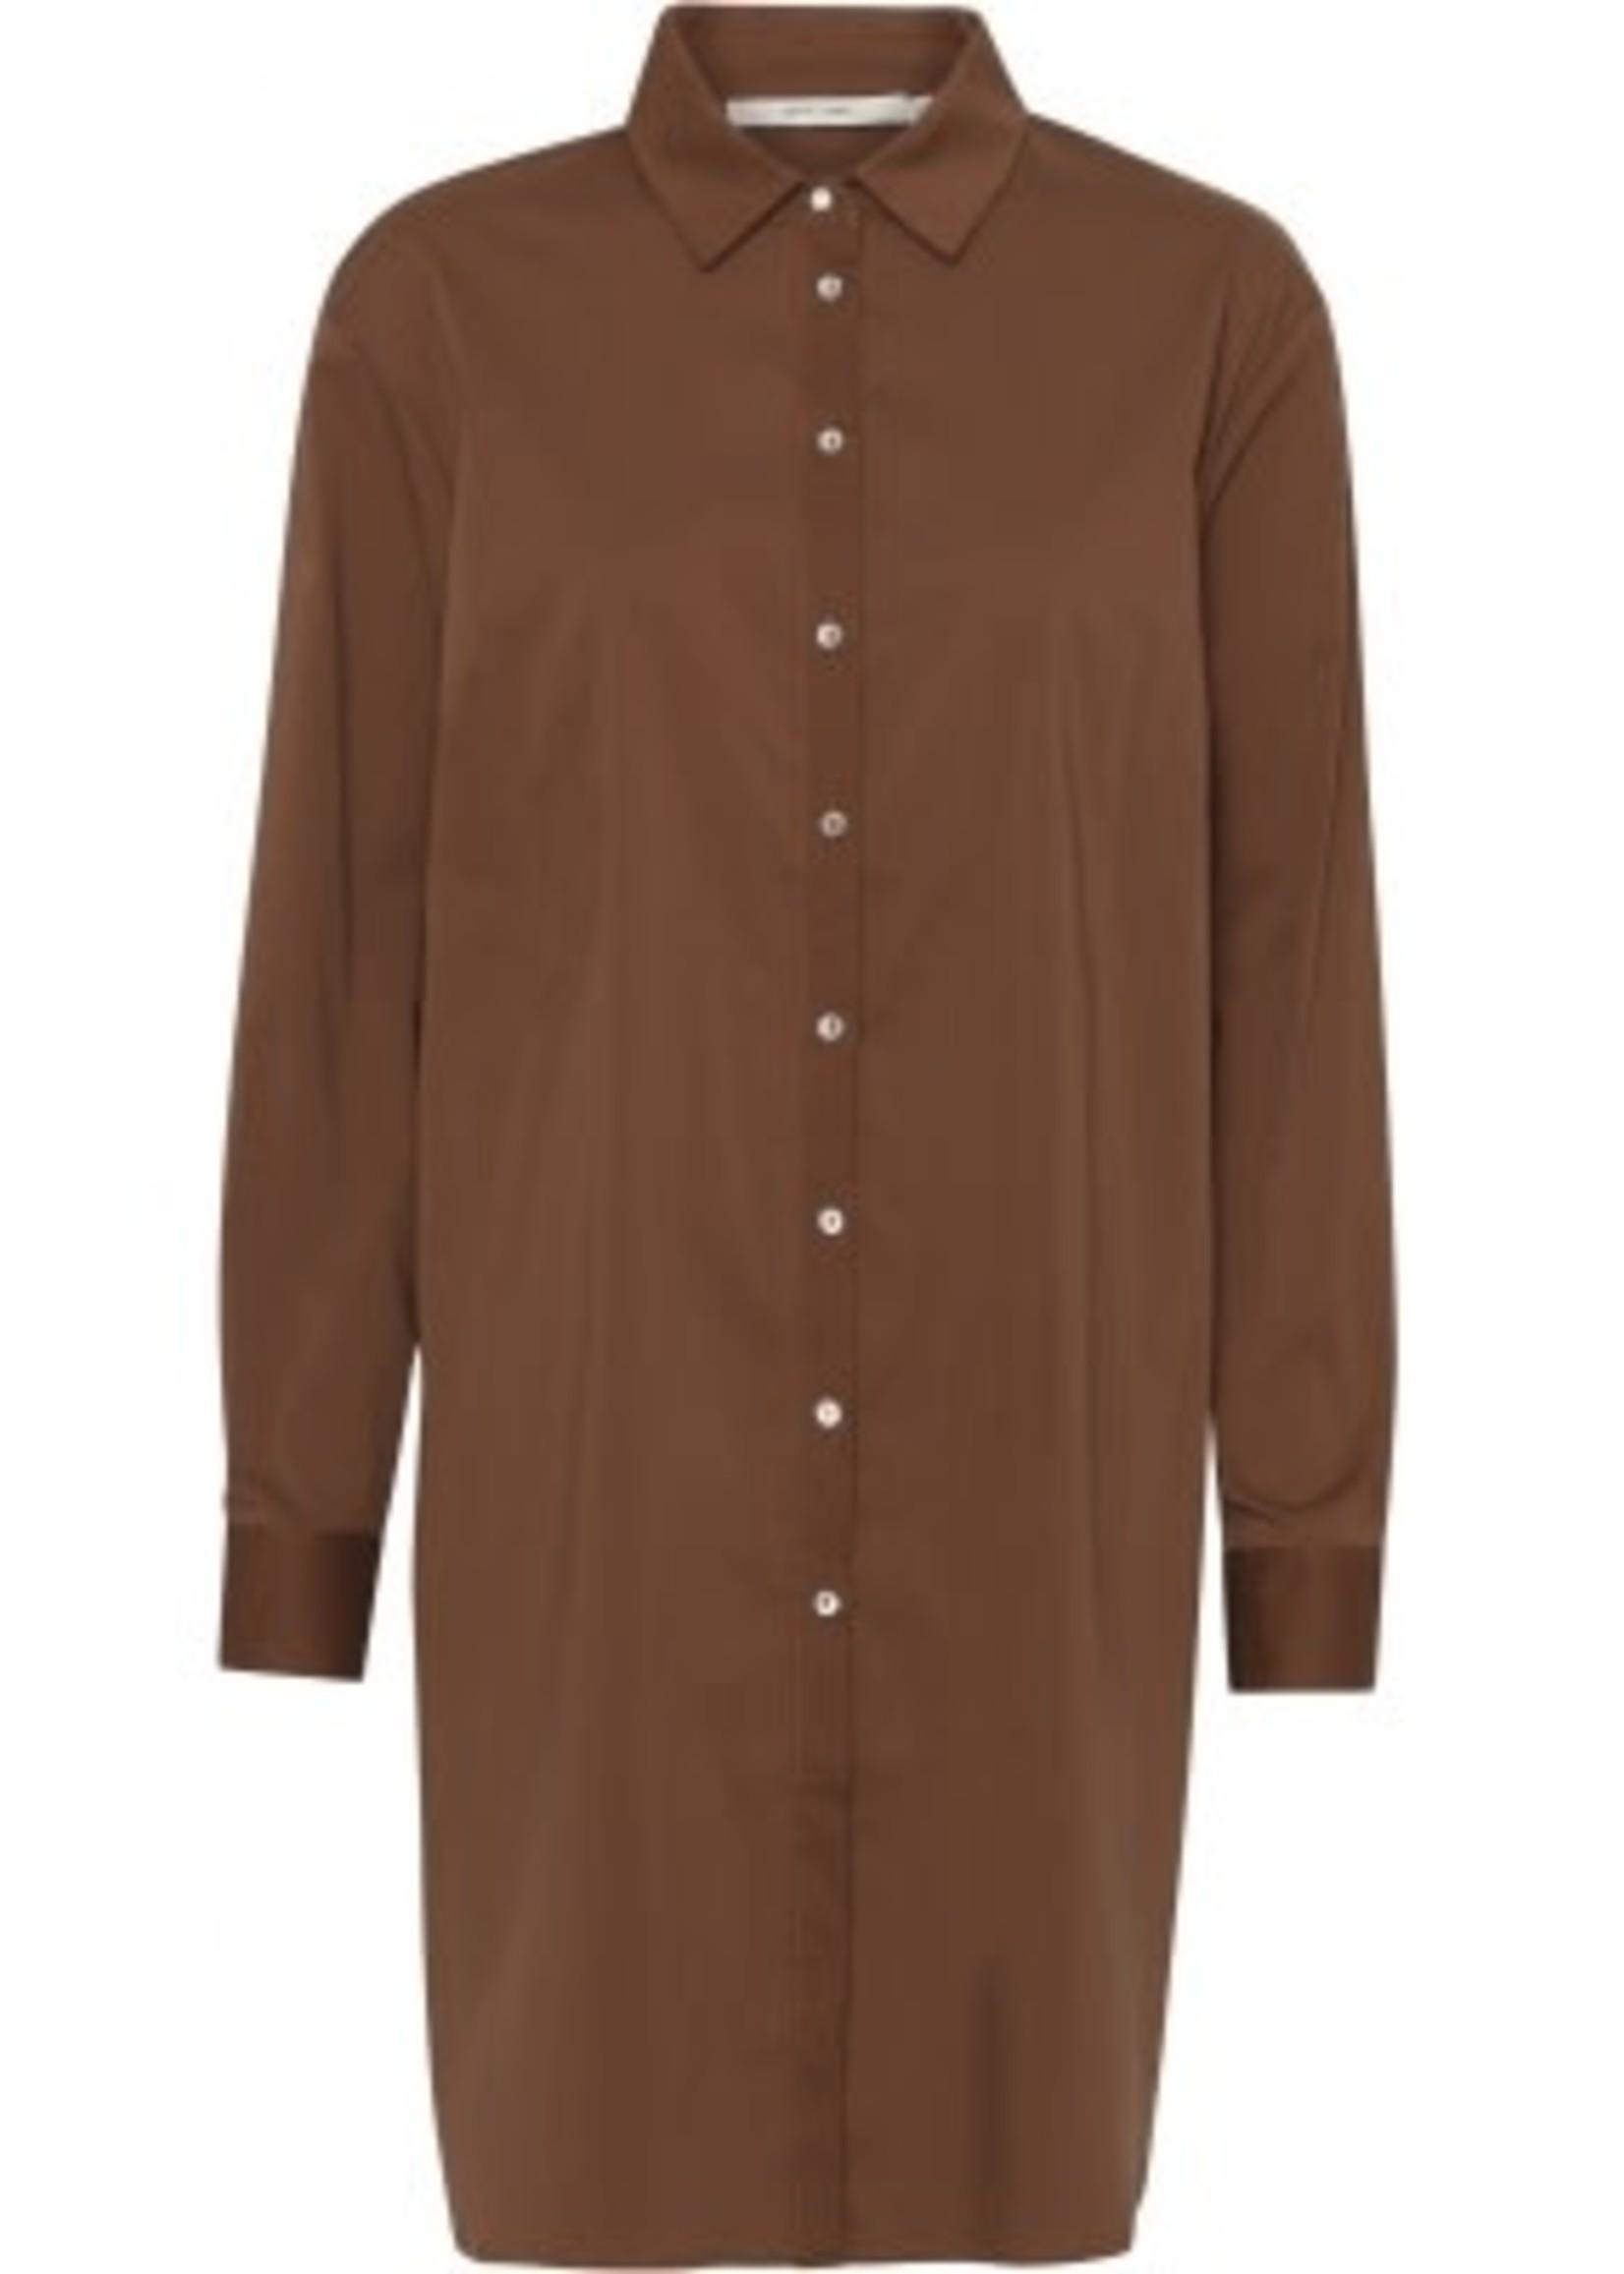 COSTAMANI Nora oversize shirt roest laatste maat M